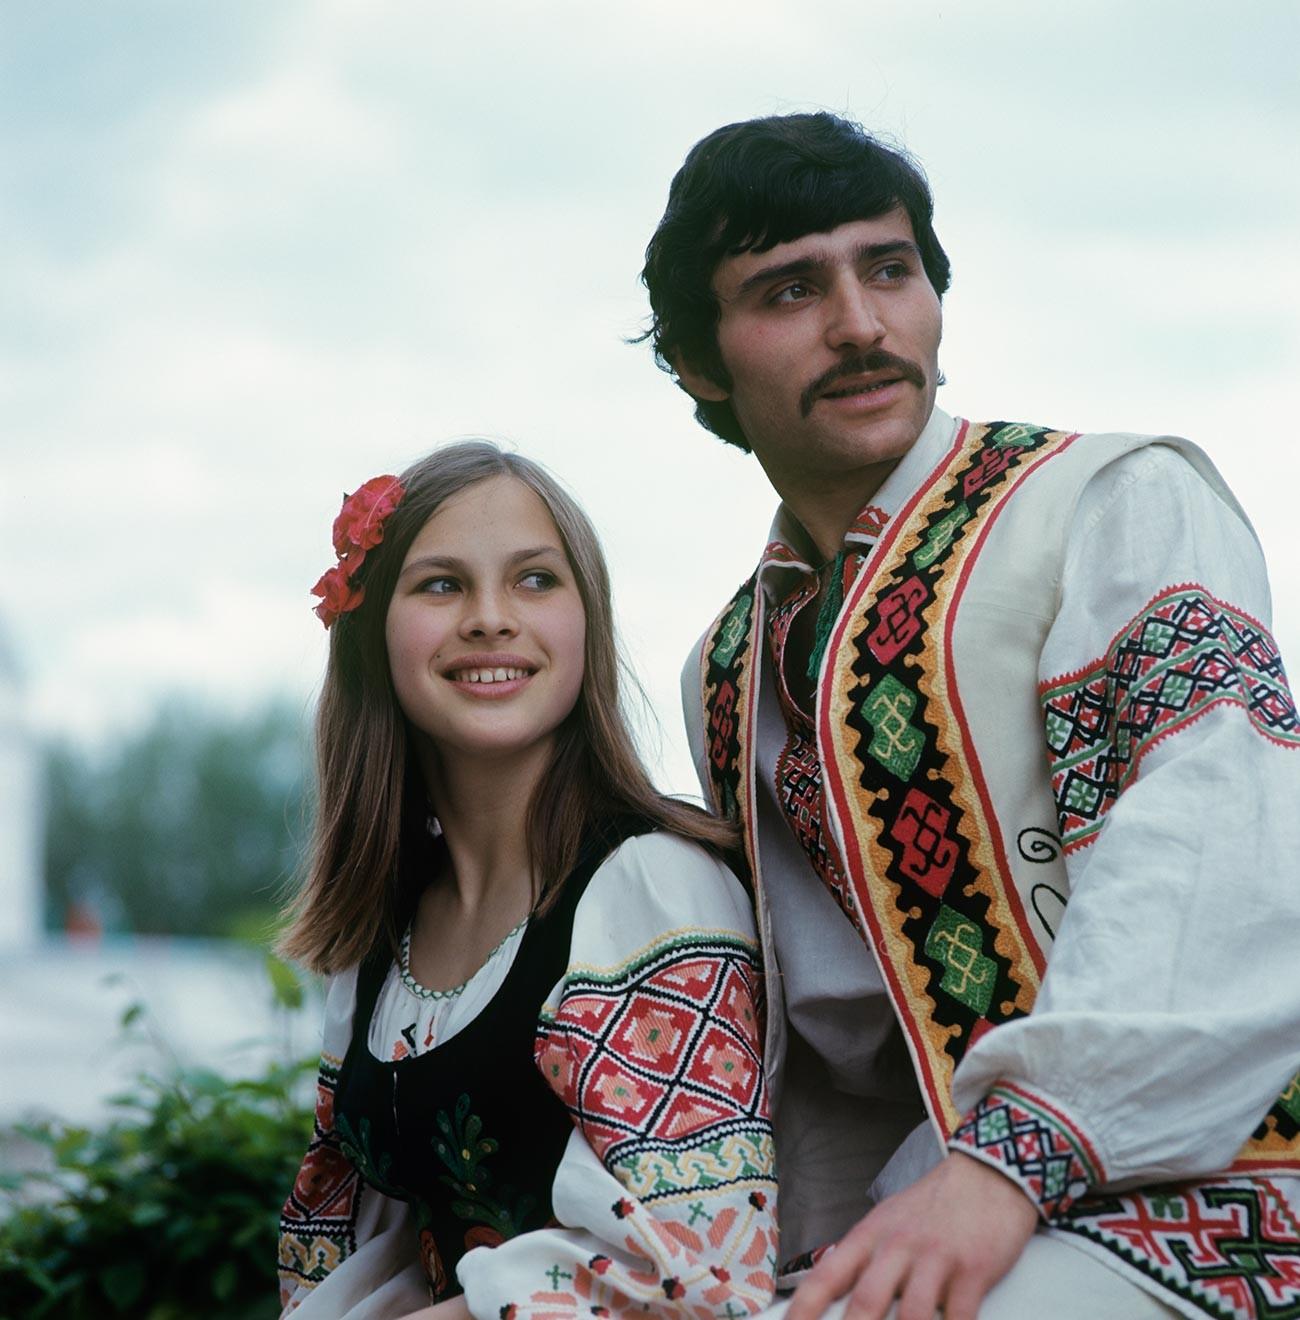 Mitglieder des Volkstanzensembles Moldawanesca, 1975